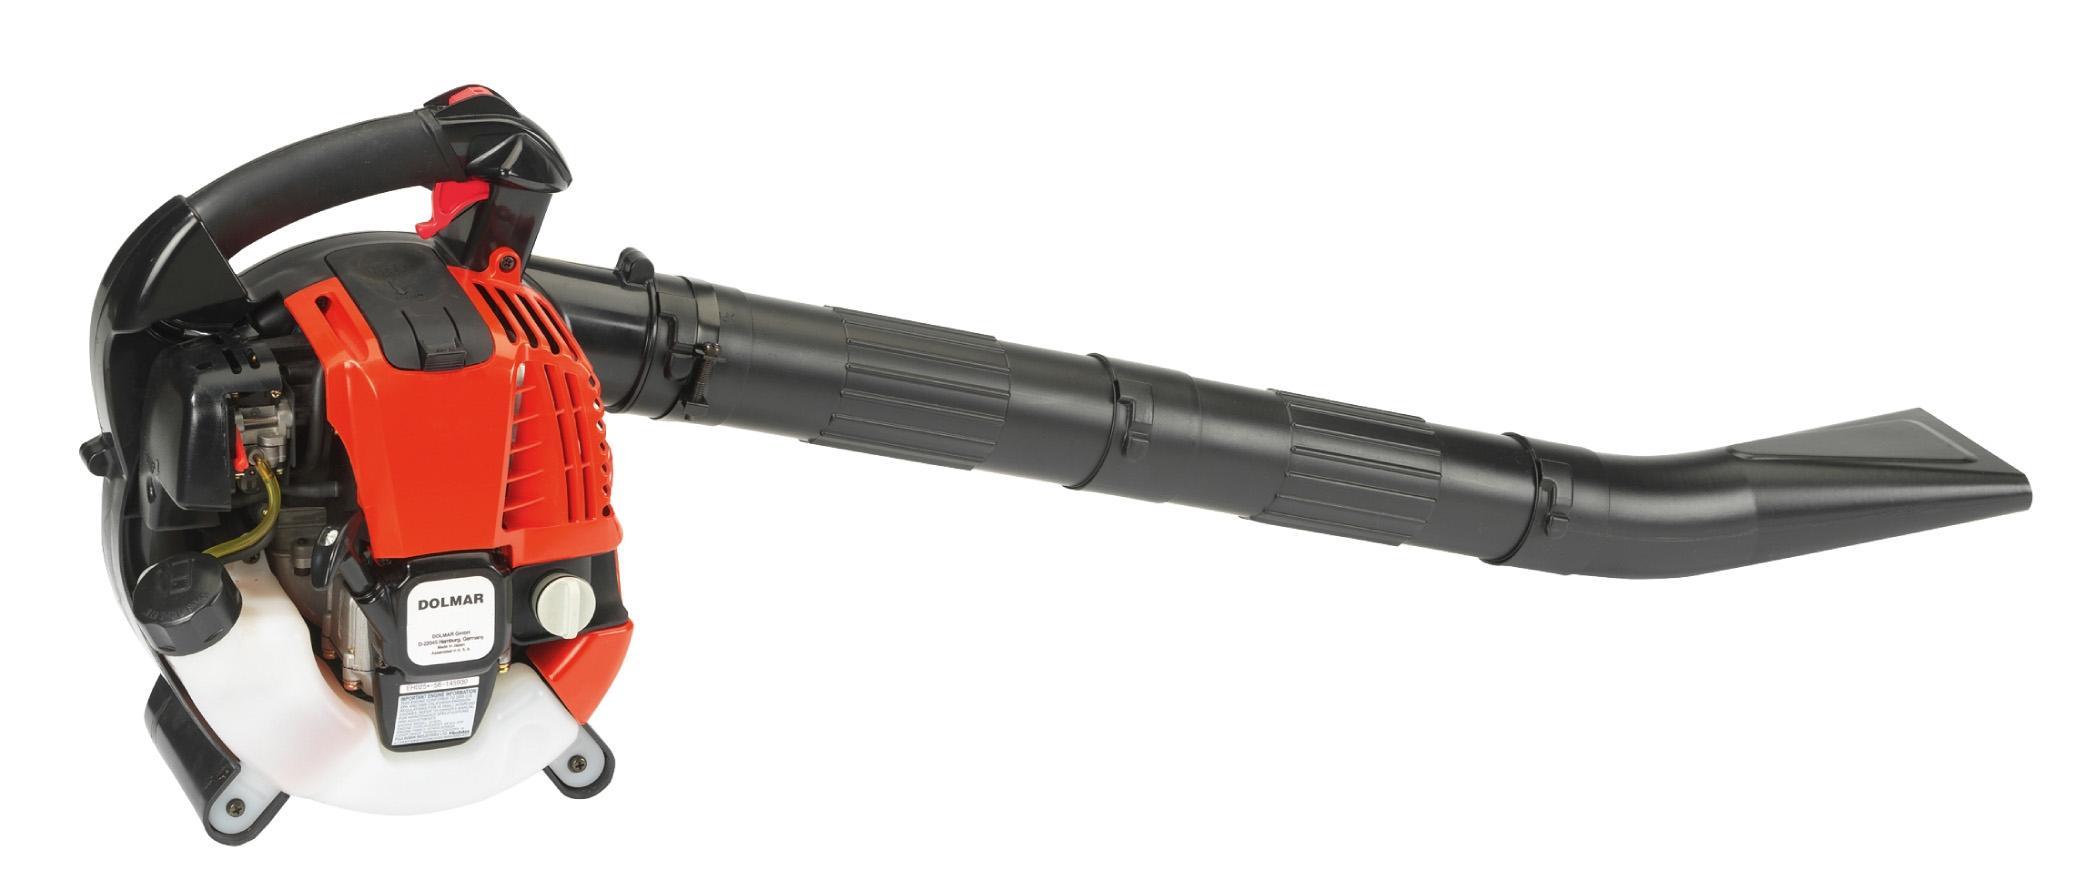 Dolmar PB252.4 Soplador 24,5 cc. 4 Tiempos